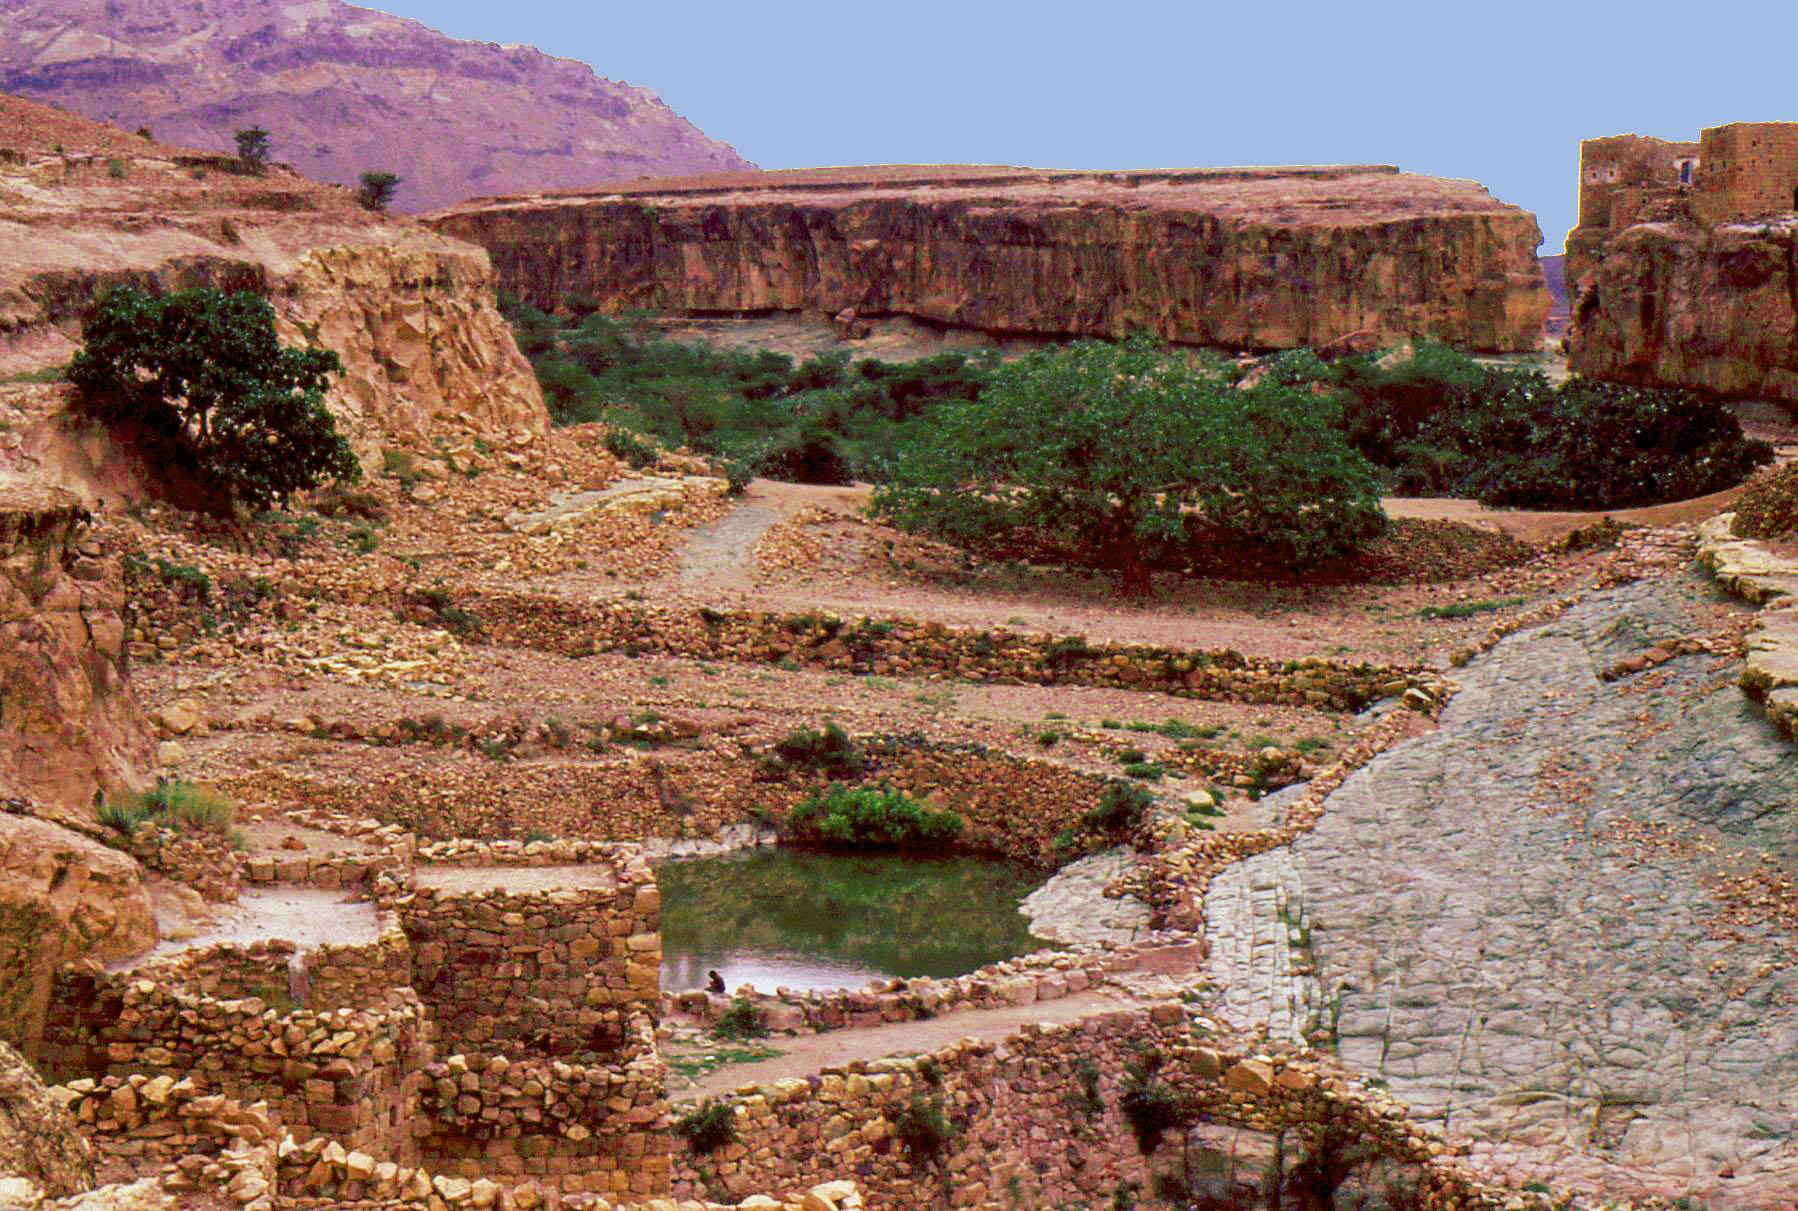 Beit Bous - Insediamento in pietra sull'altopiano con una cisterna a cielo aperto per la raccolta dell'acqua